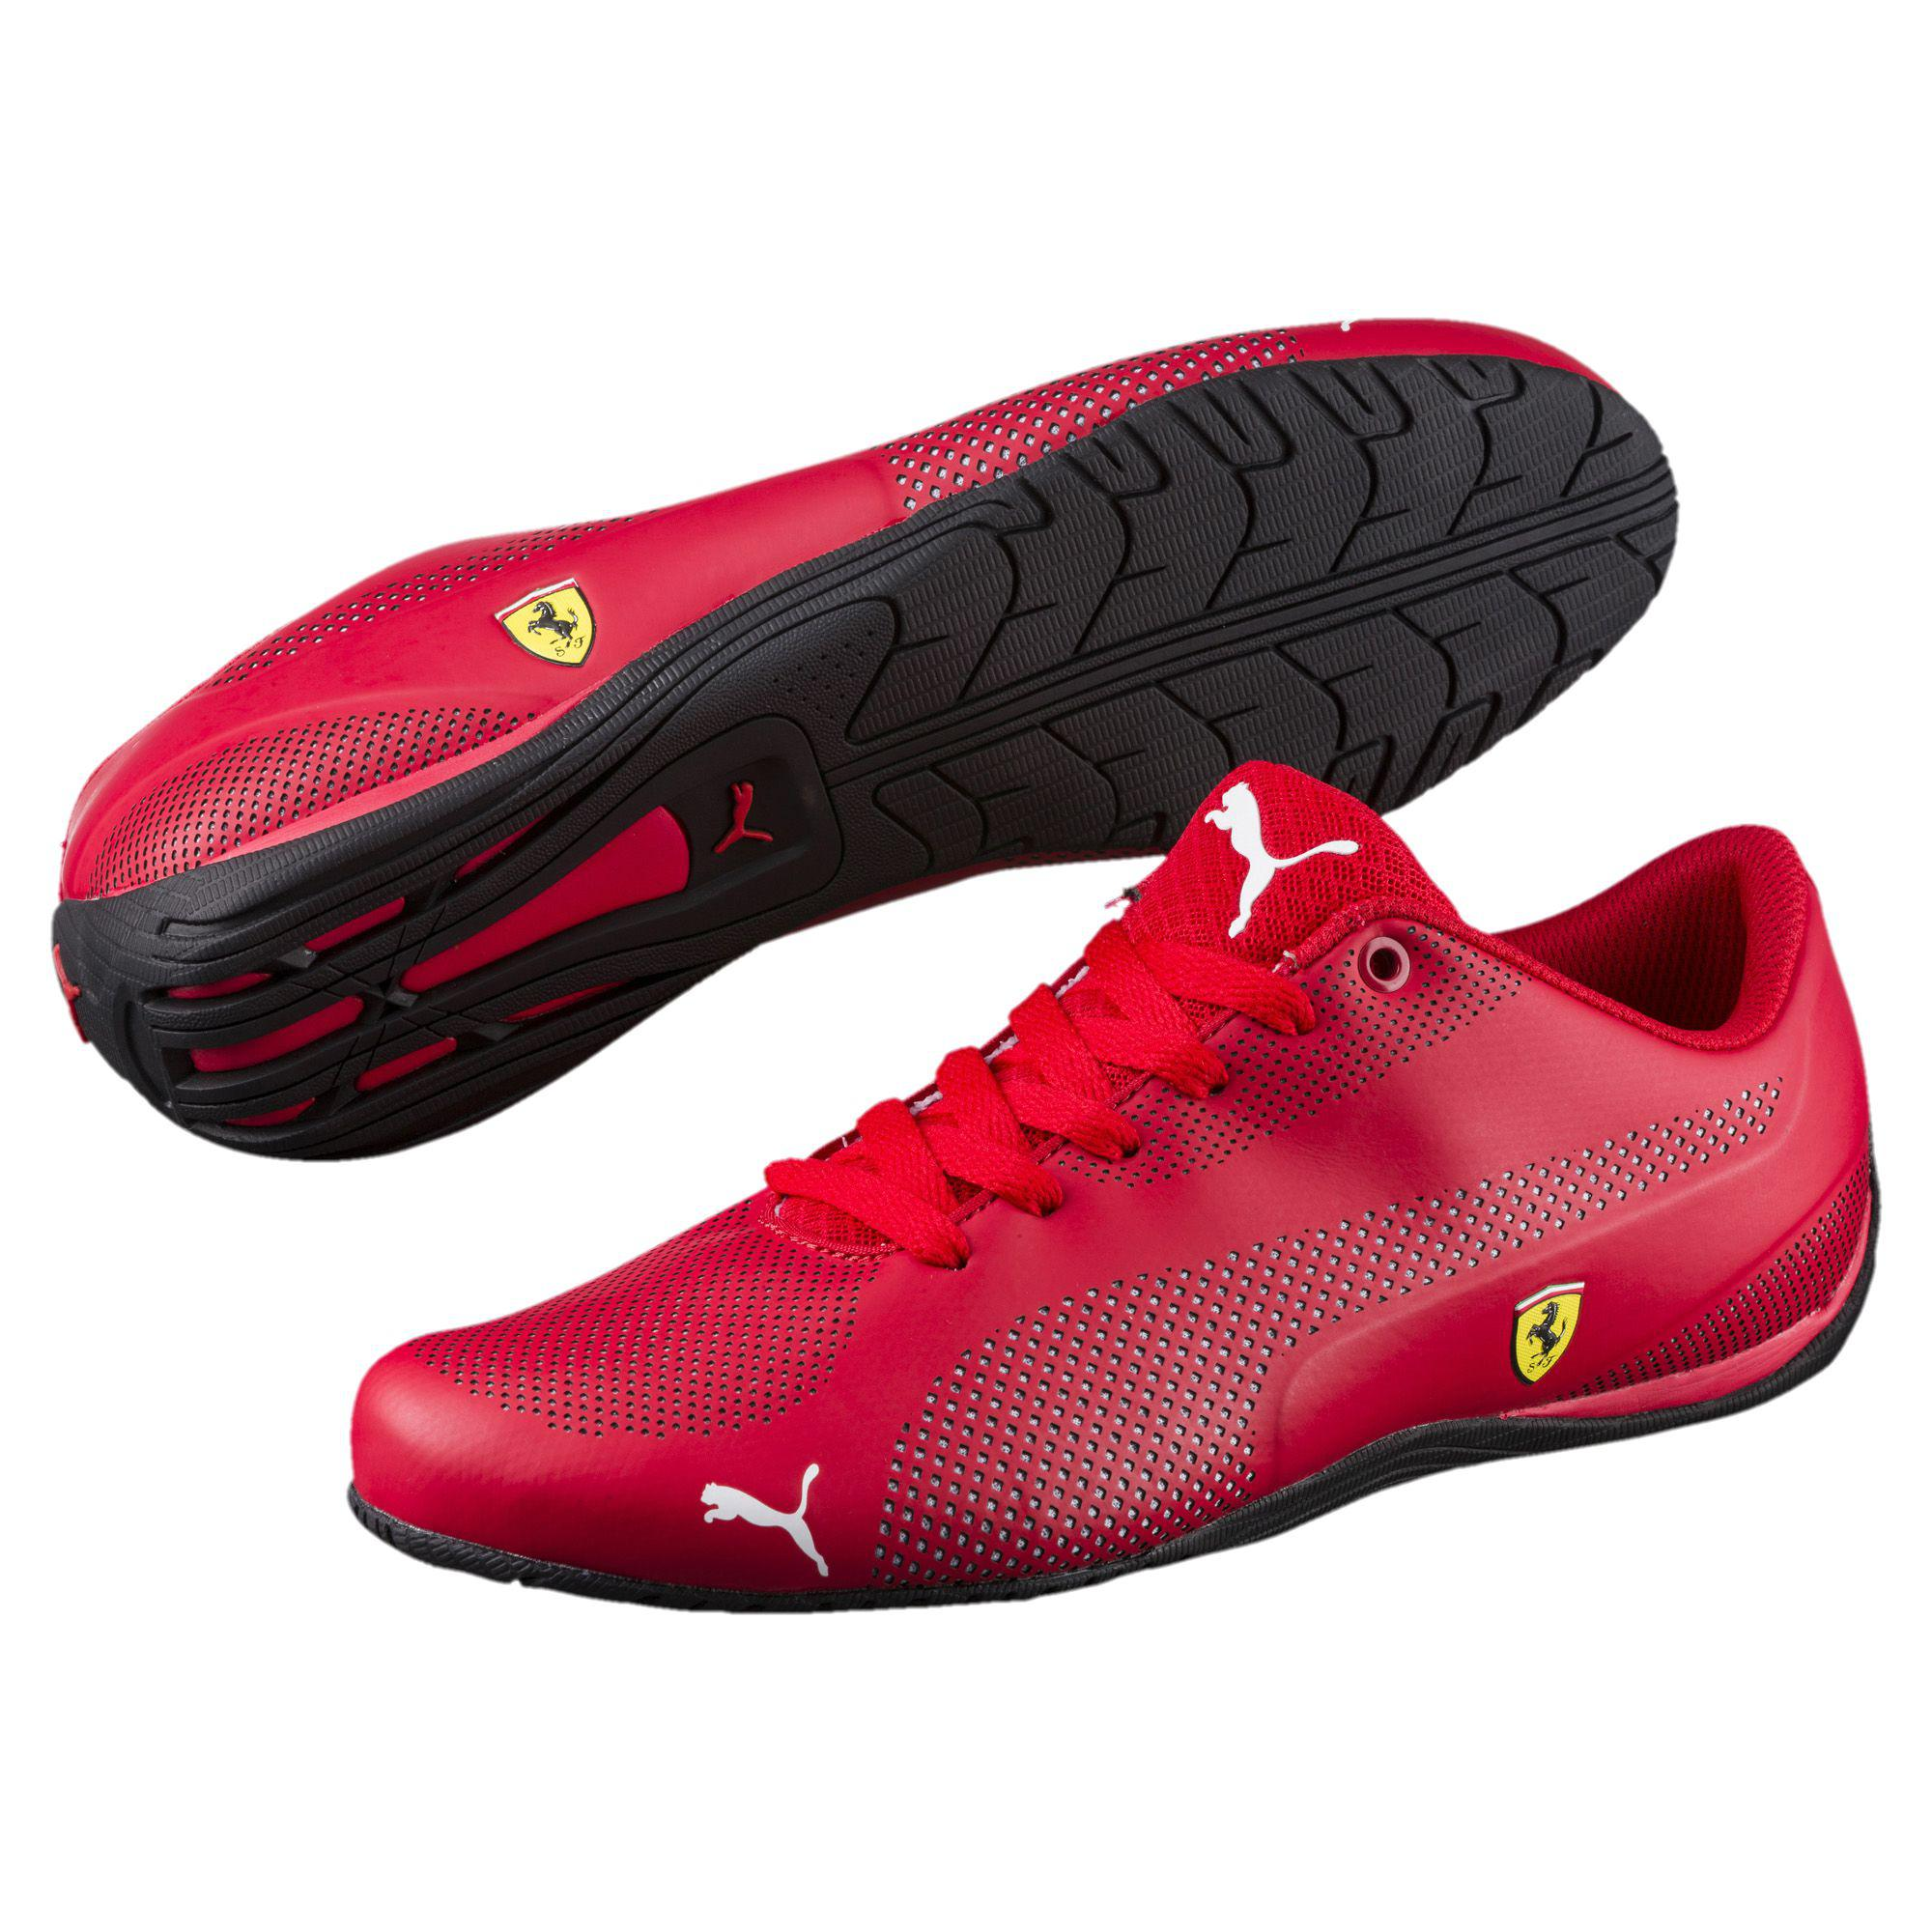 benecio suede black white california belt shoes beneciobiggest discount puma p ferrari whitepuma trainers biggest the